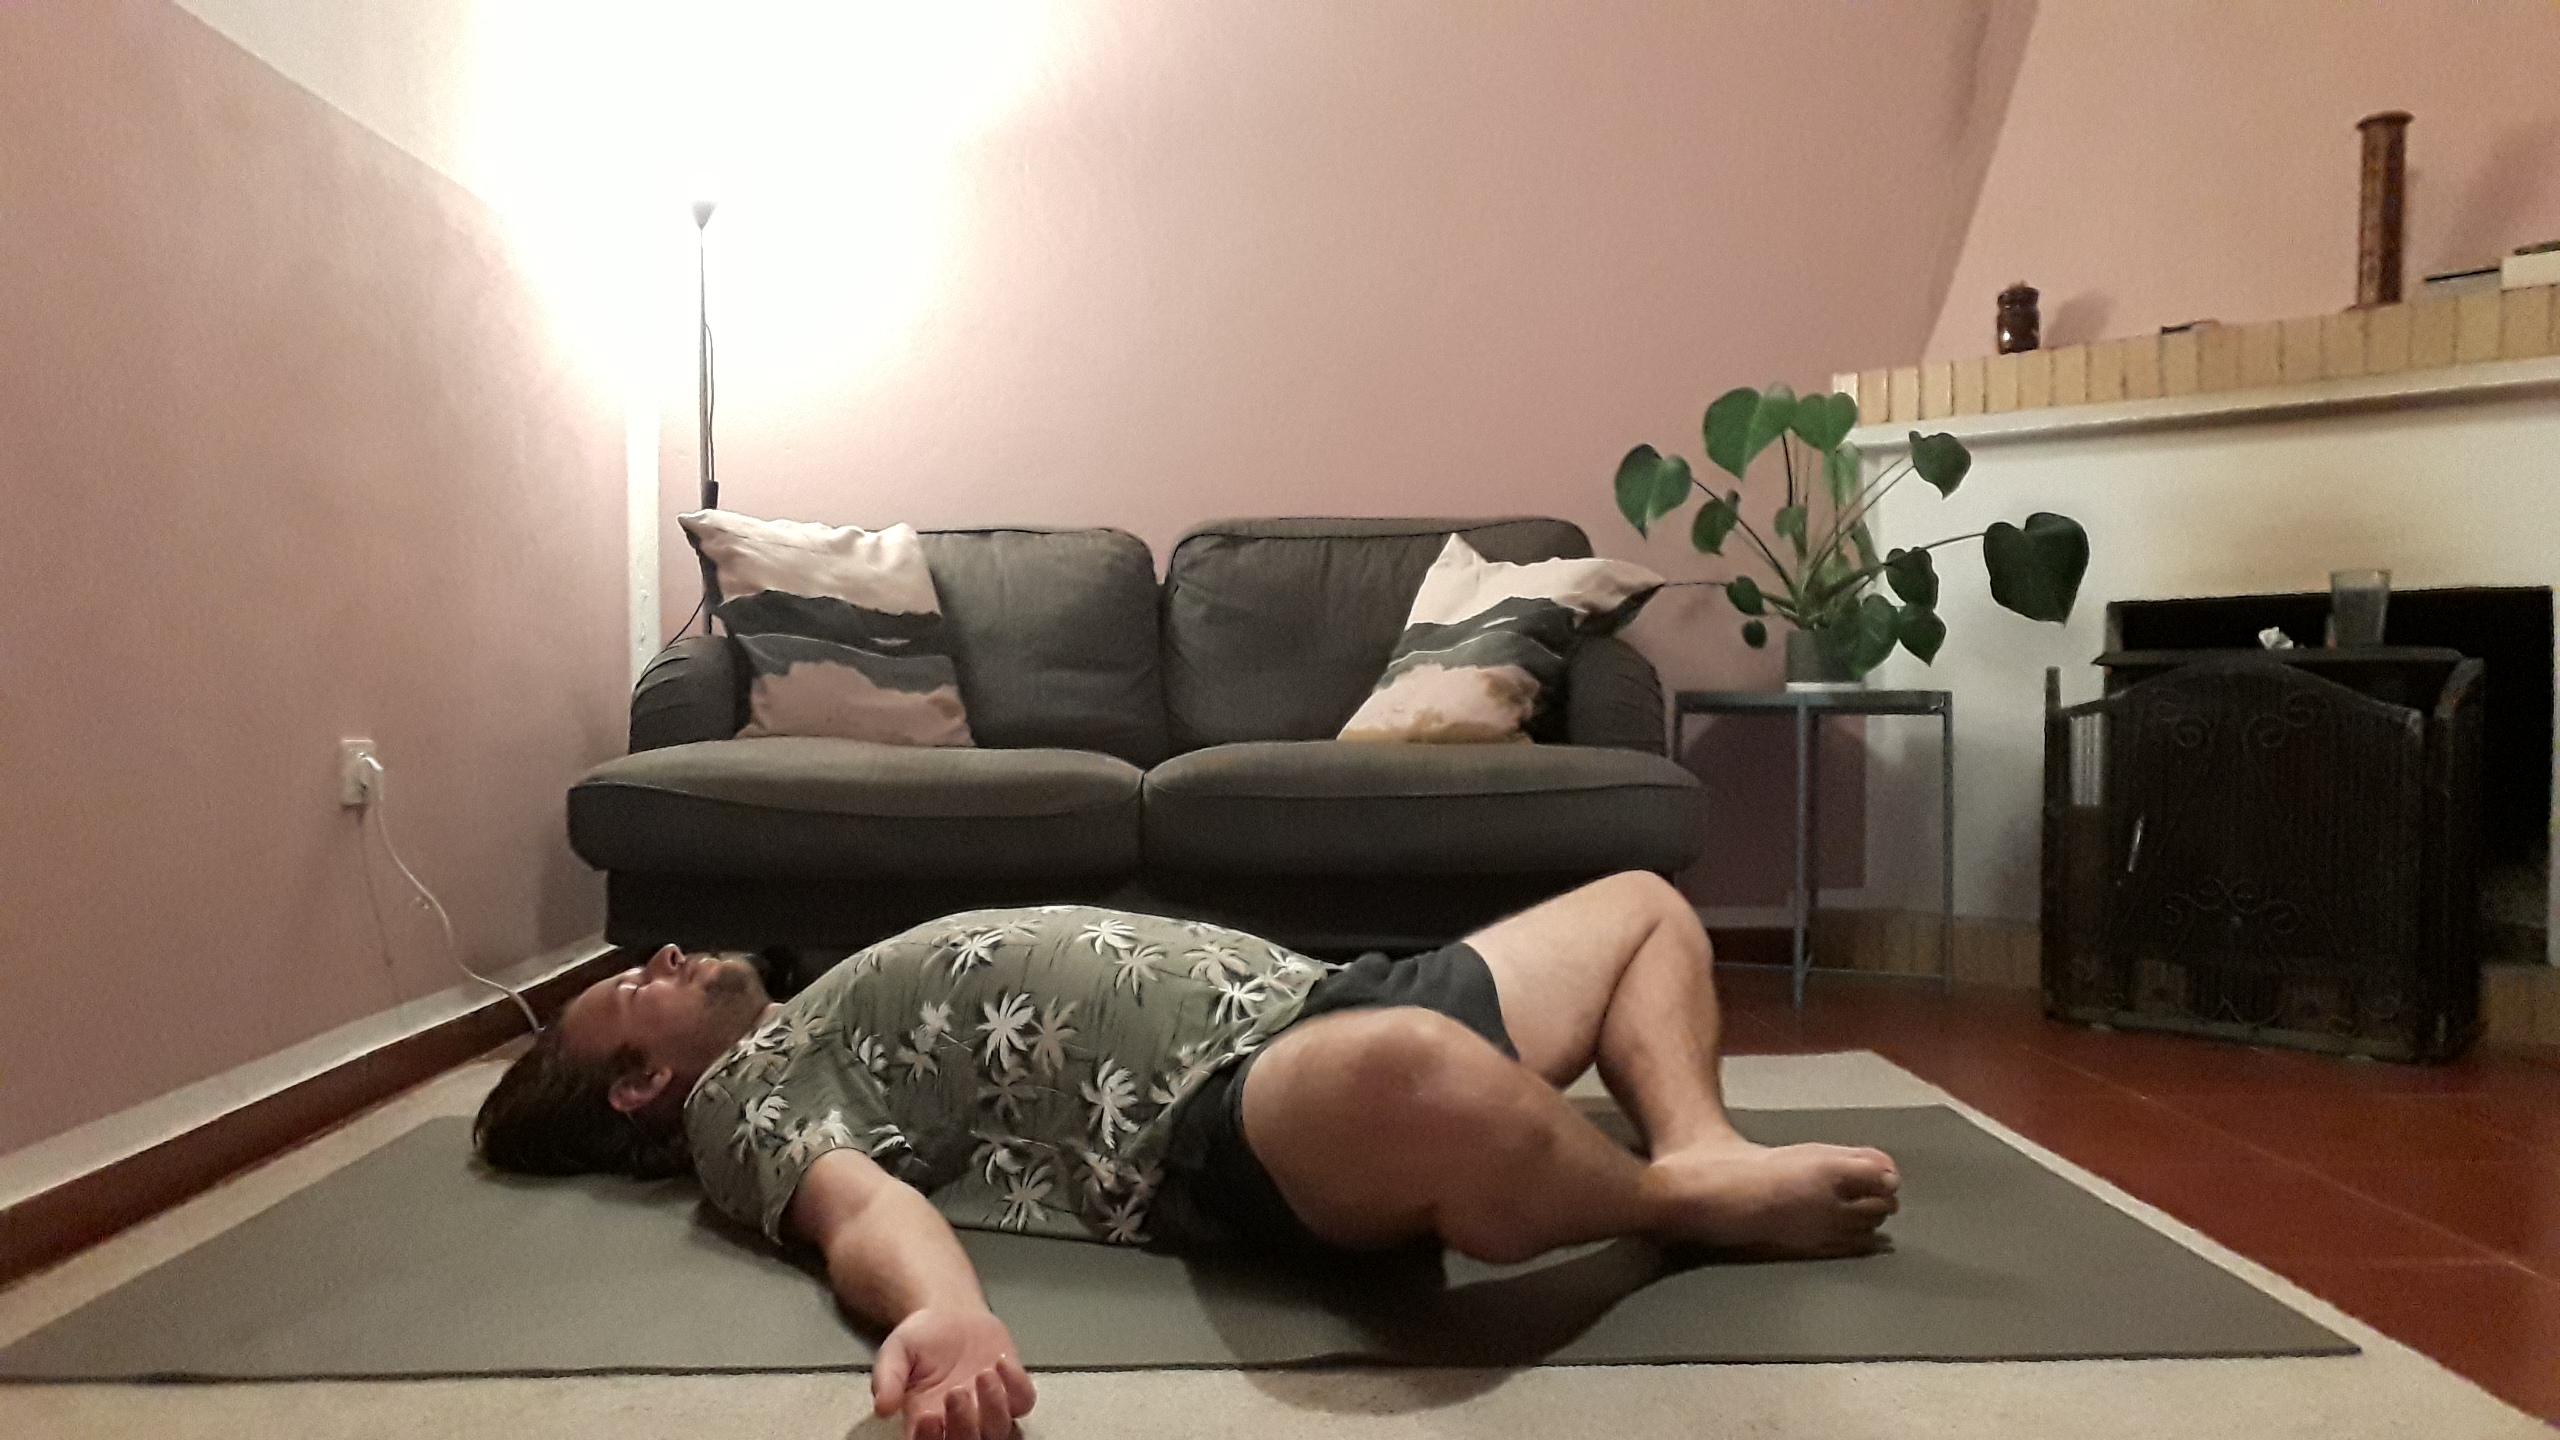 Supta baddha konasana to relax